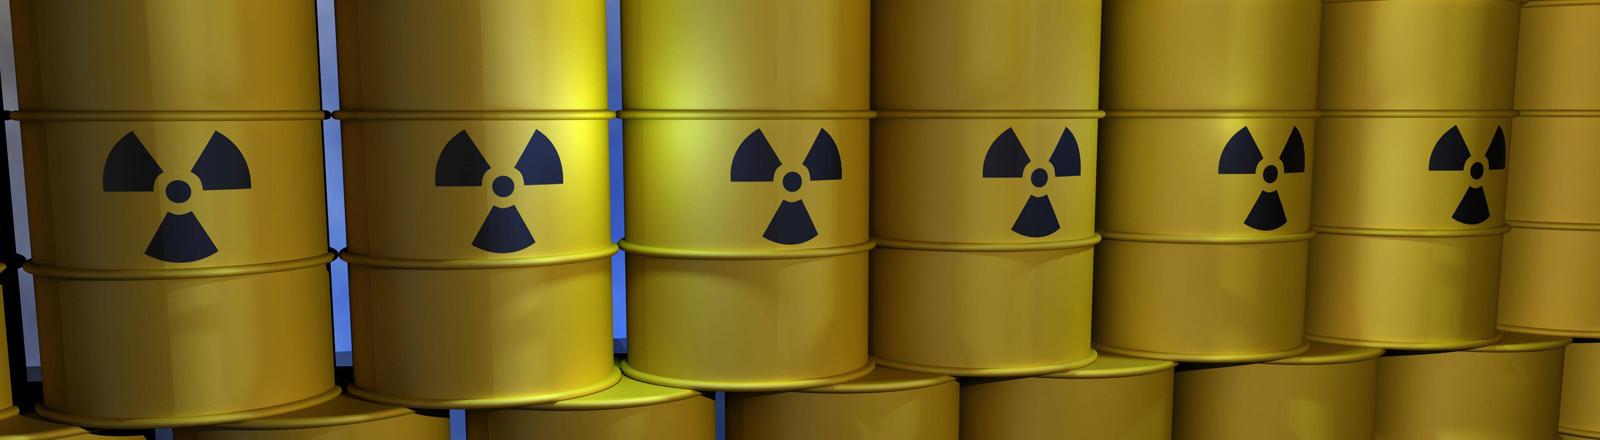 Fässer mit radioaktivem Abfall